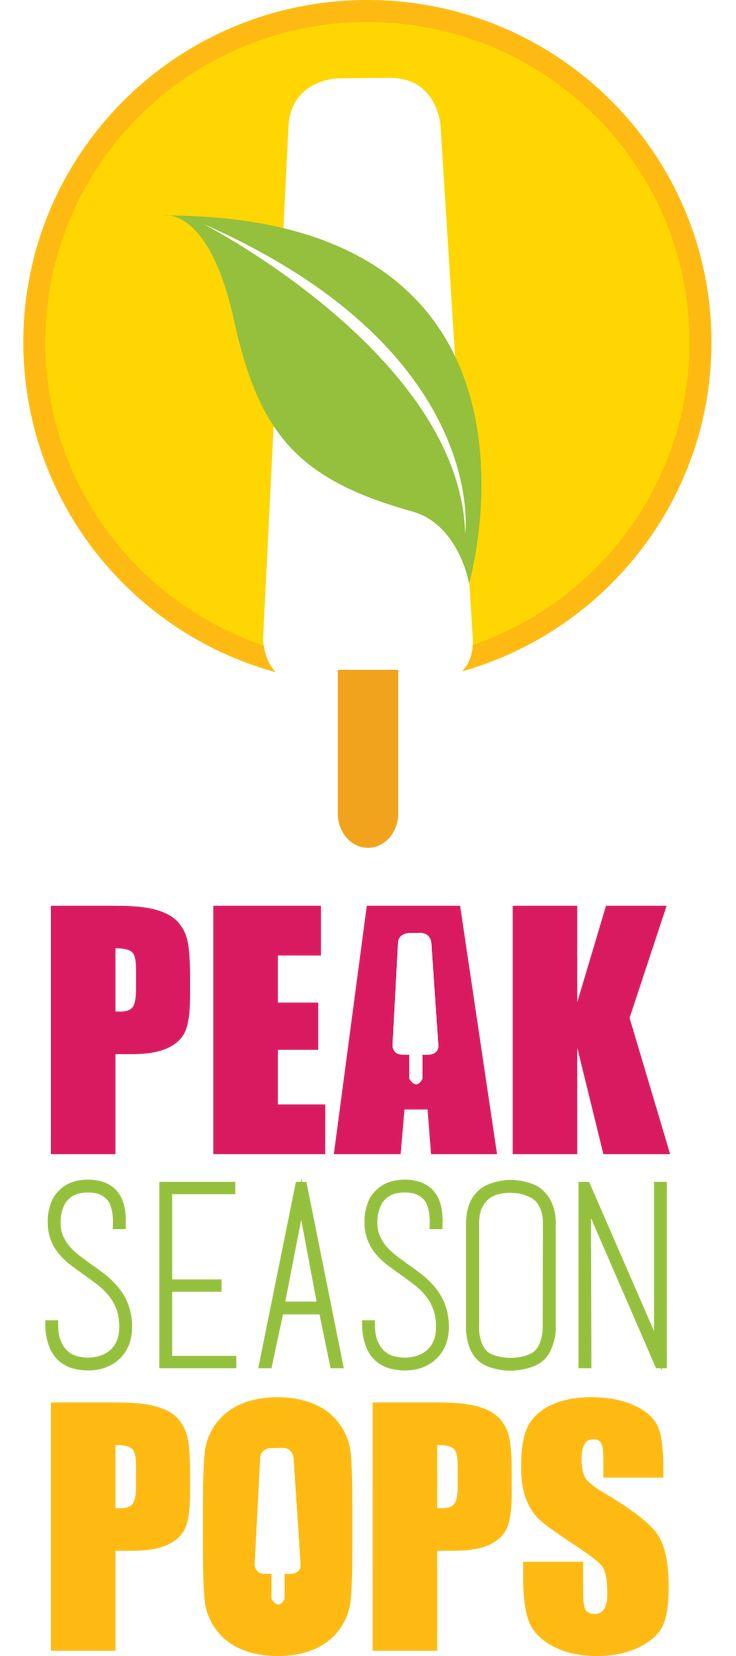 Peak Season Pops, Lake Eola Farmers Market Sundays